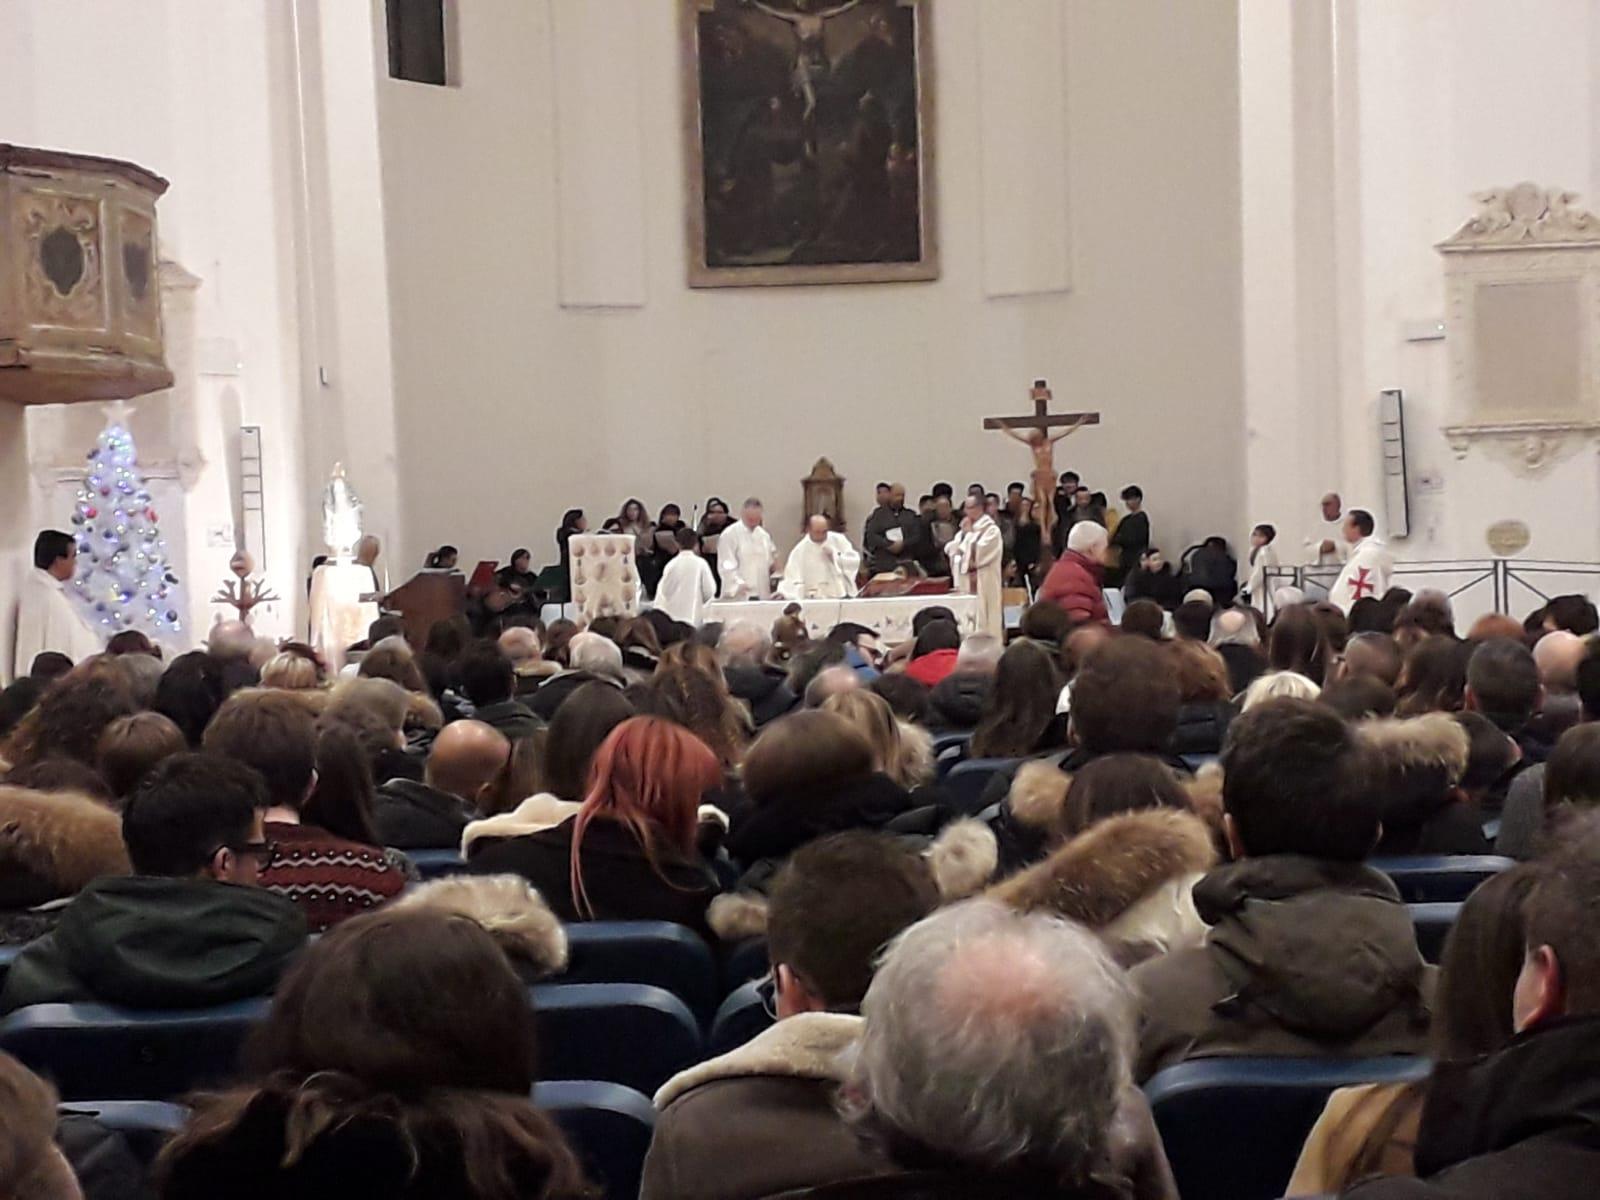 Santa Messa di Natale nella Chiesa di San Francesco a Morrovalle (MC)